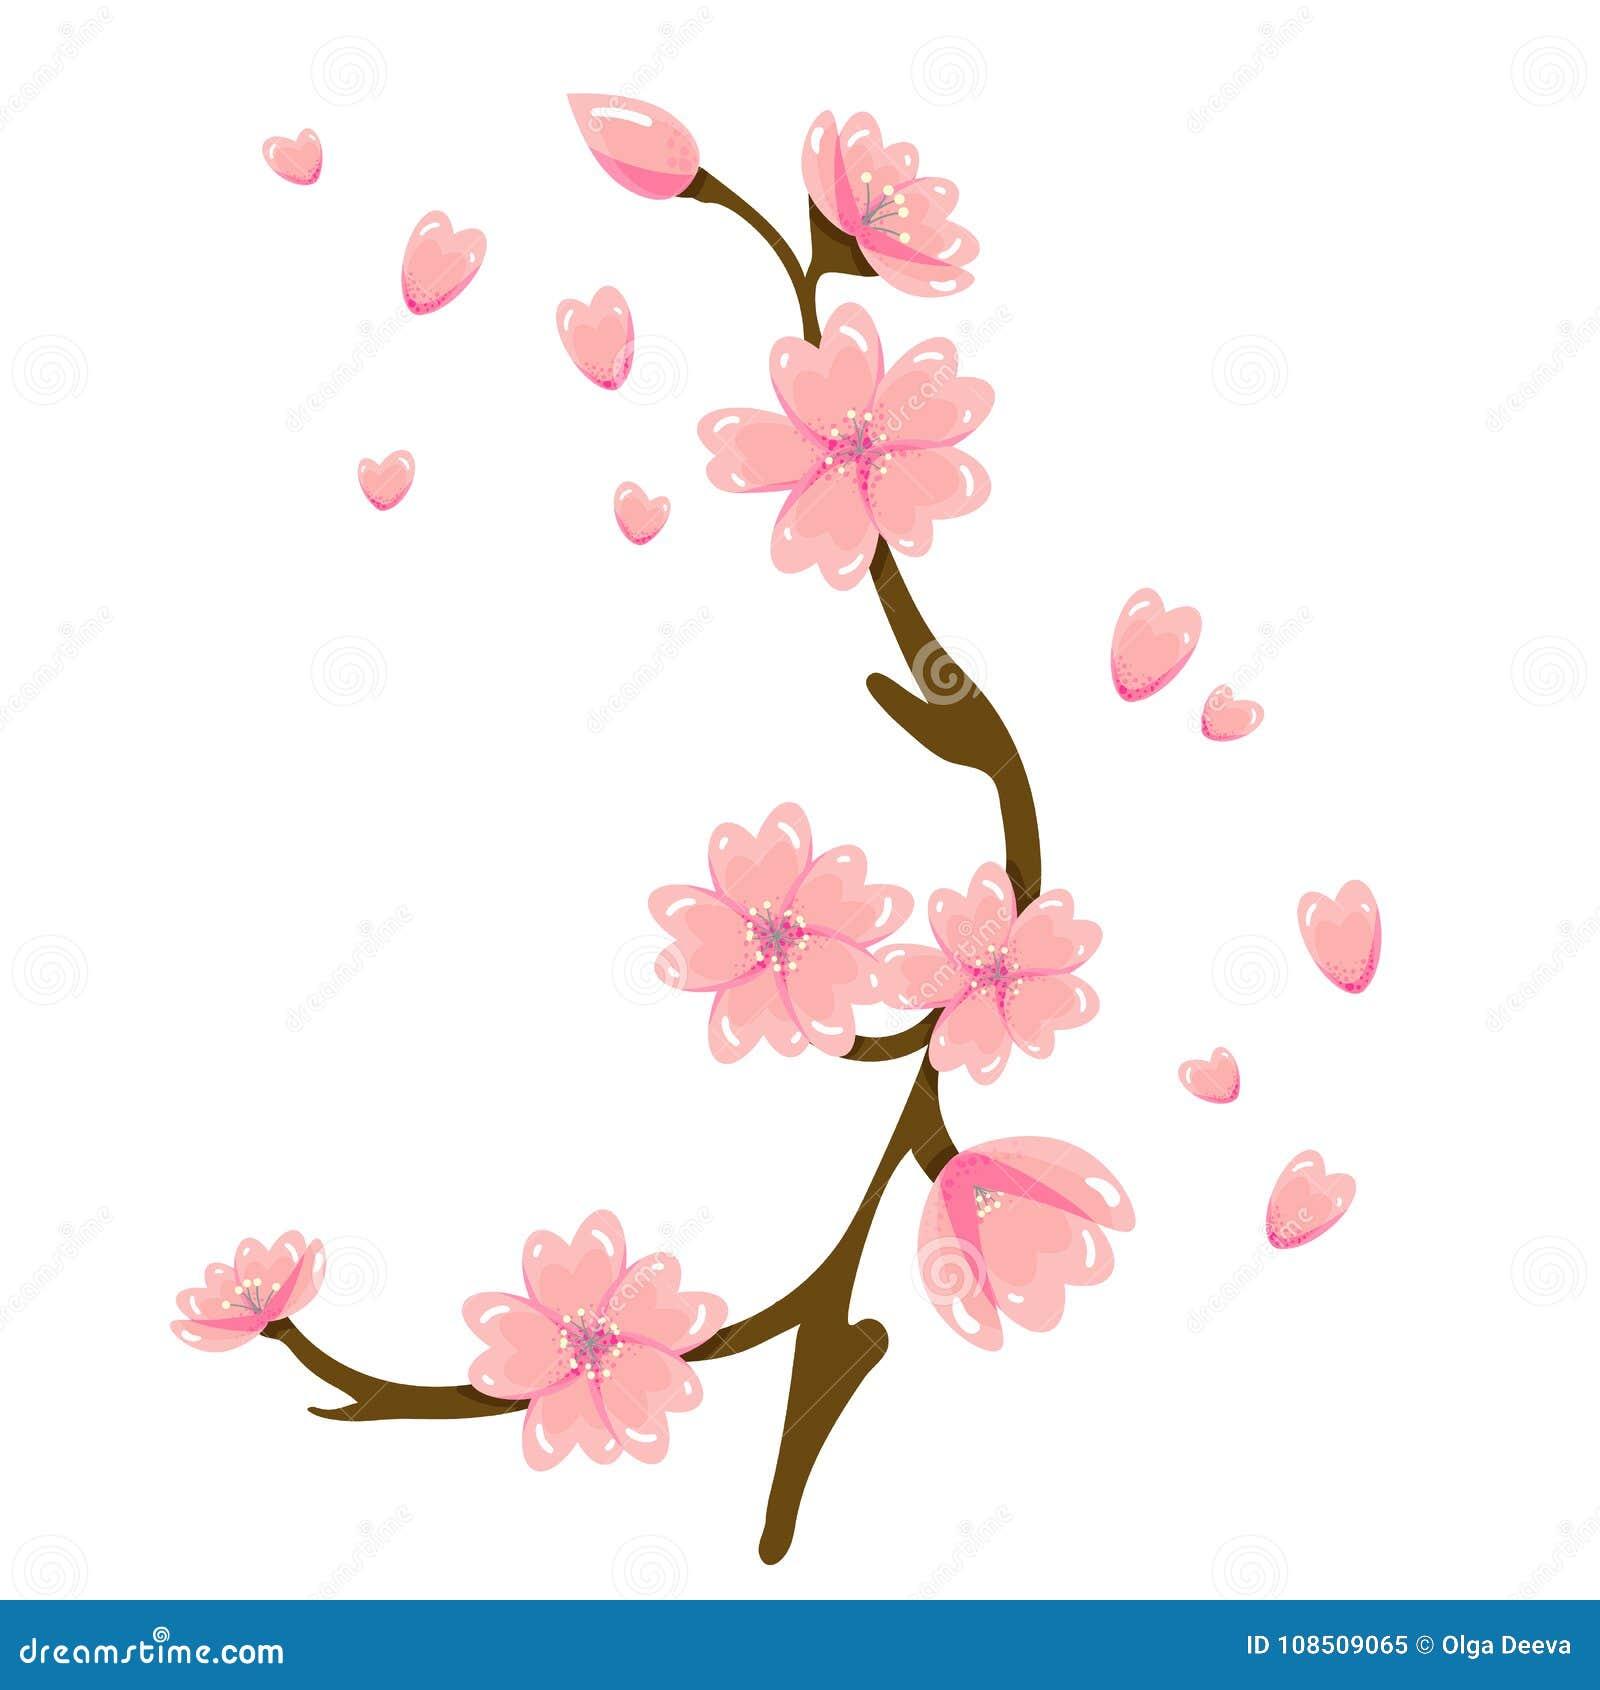 Cartoon Sakura Spring Flower Illustration Stock Vector